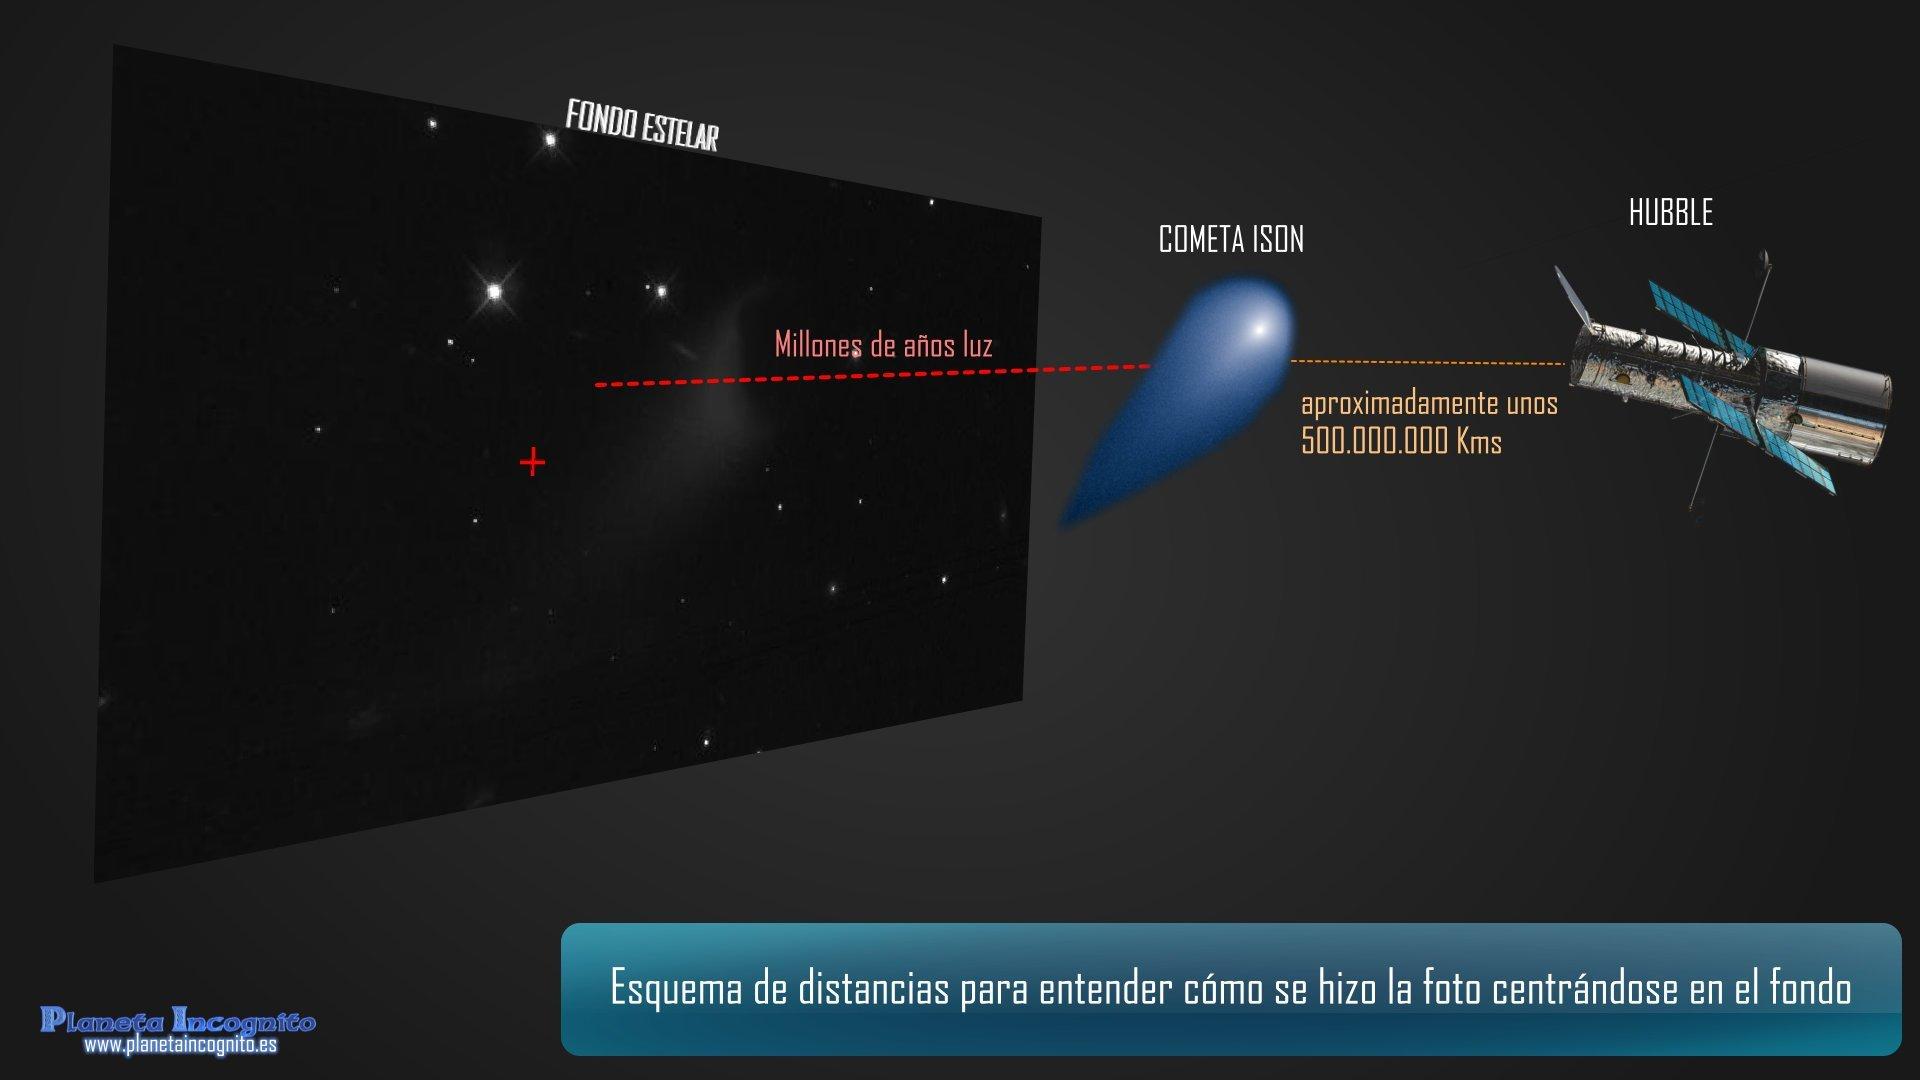 Esquema cometa Ison y distancias estelares